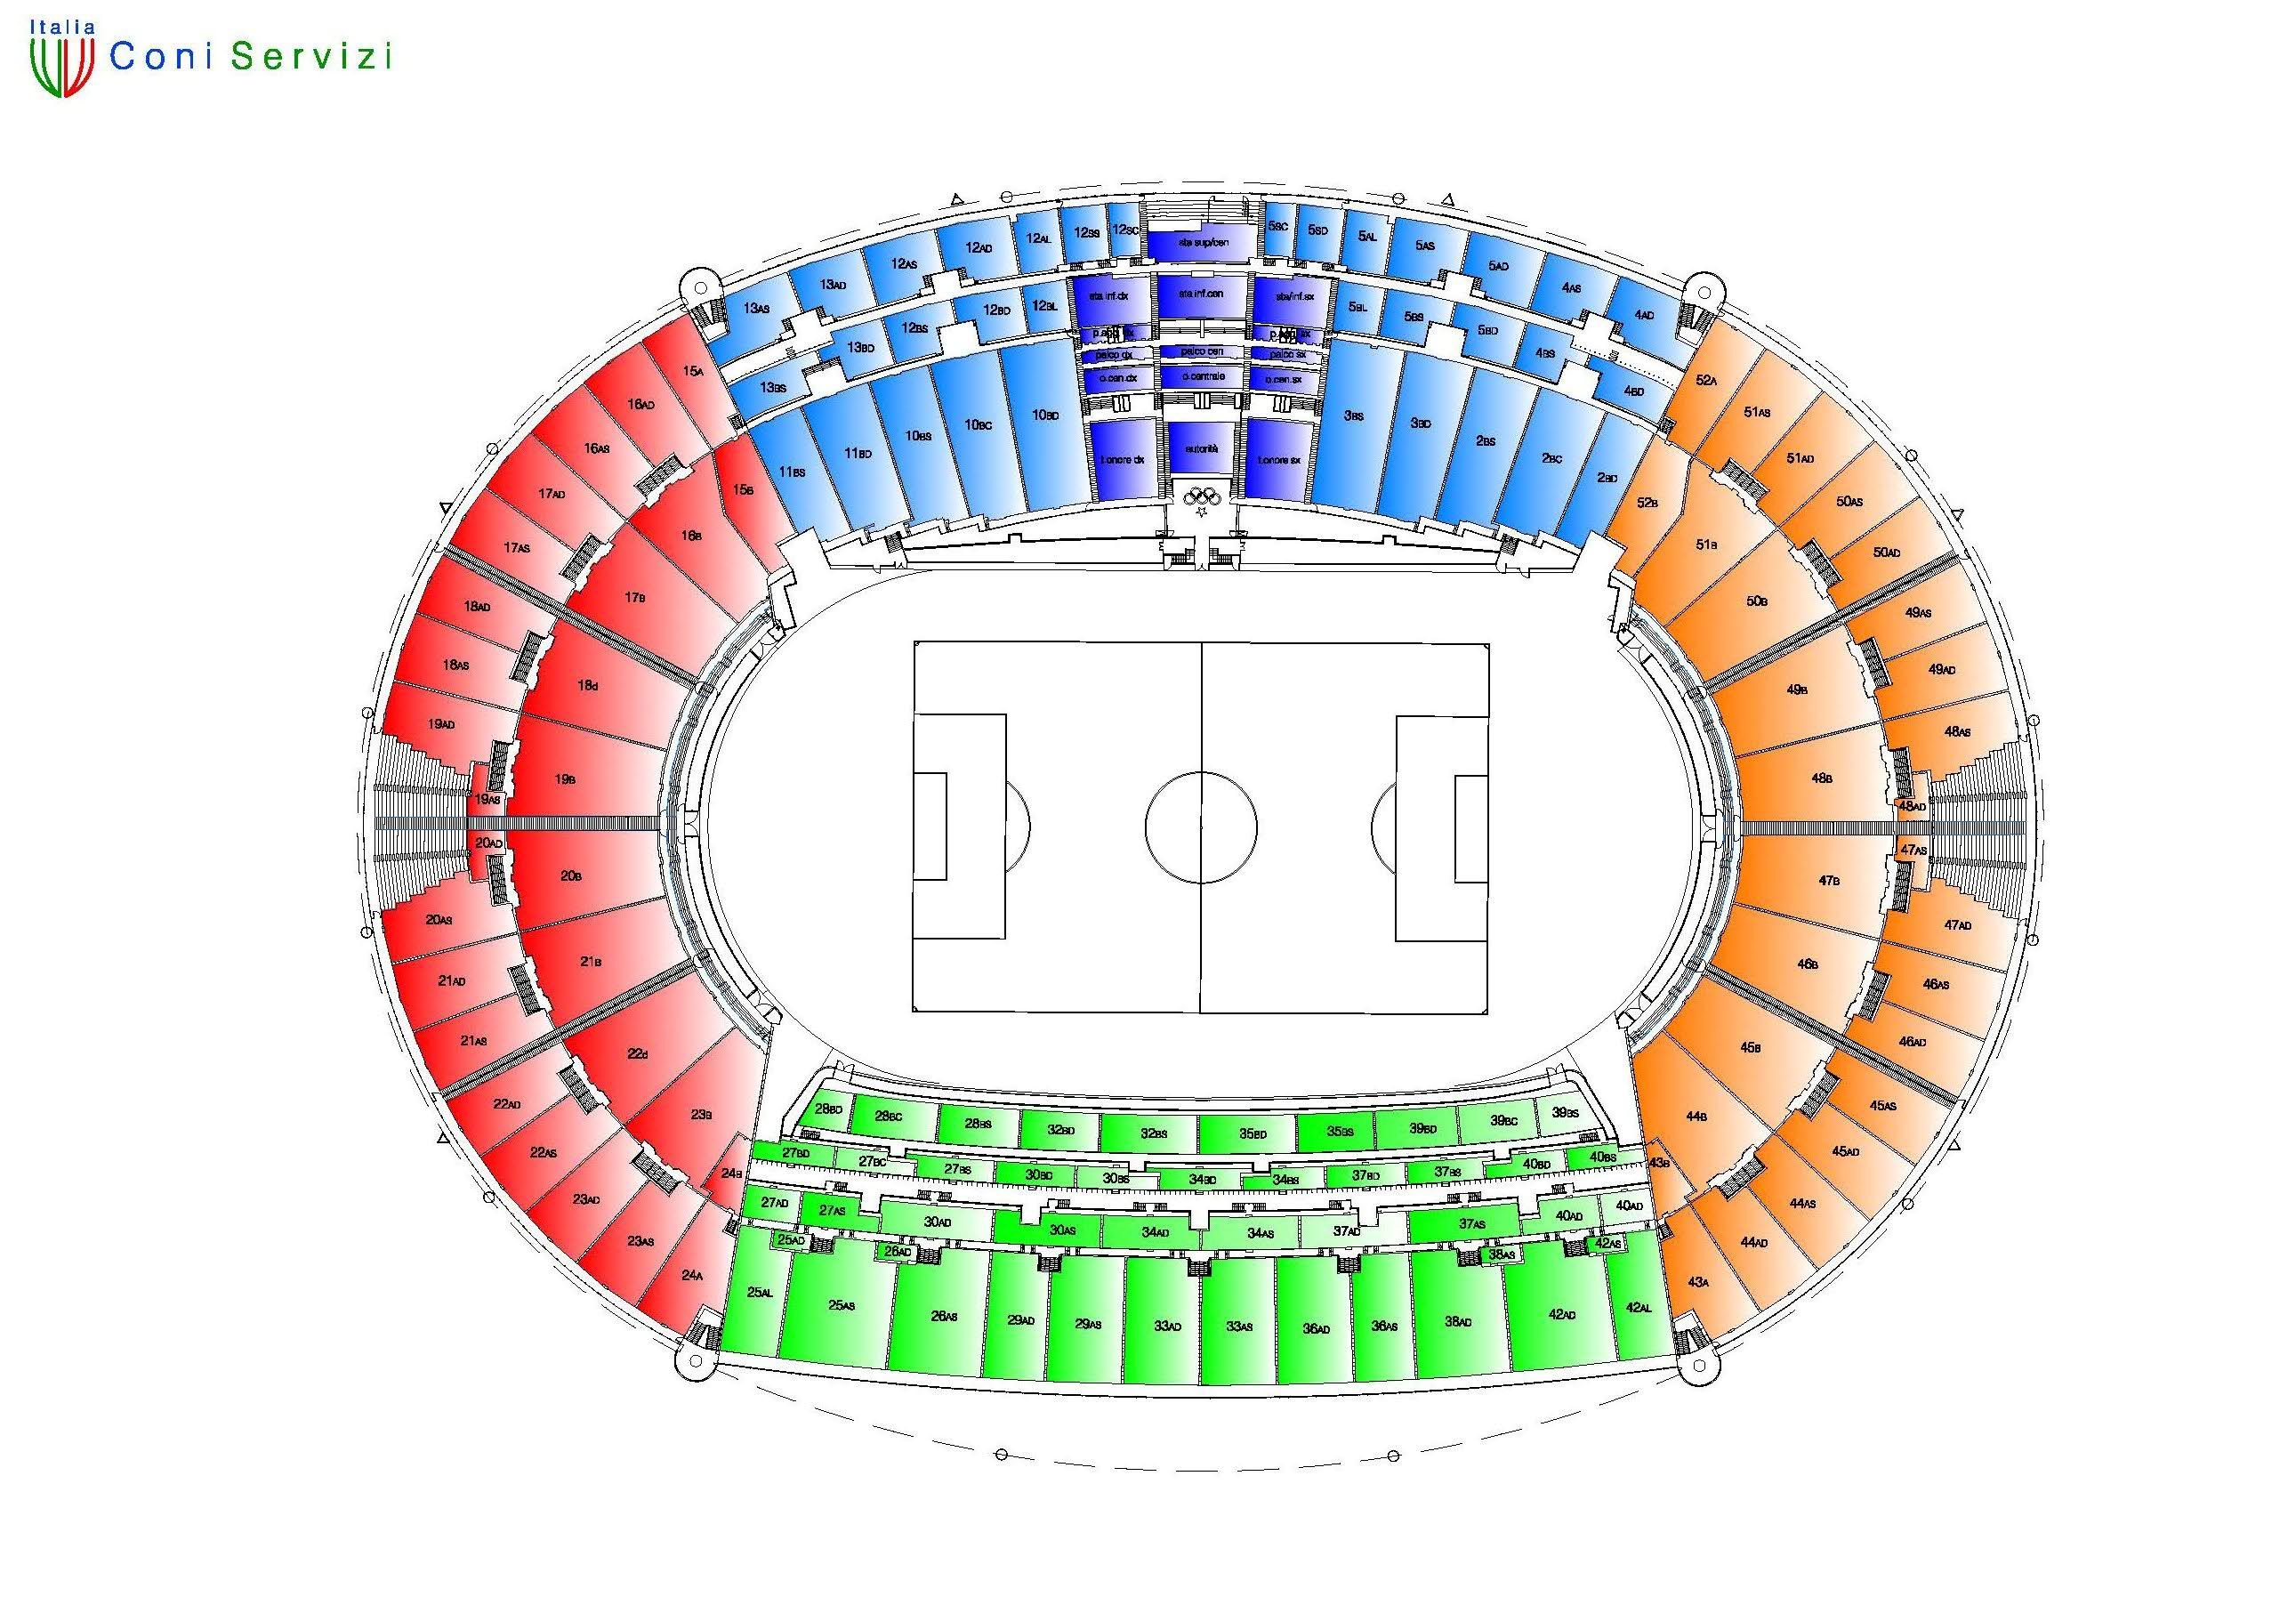 Cartina Stadio Olimpico Di Roma.Stadio Olimpico Settori Mappa Ed Ingressi Spostare La Finale Da Roma No Grazie